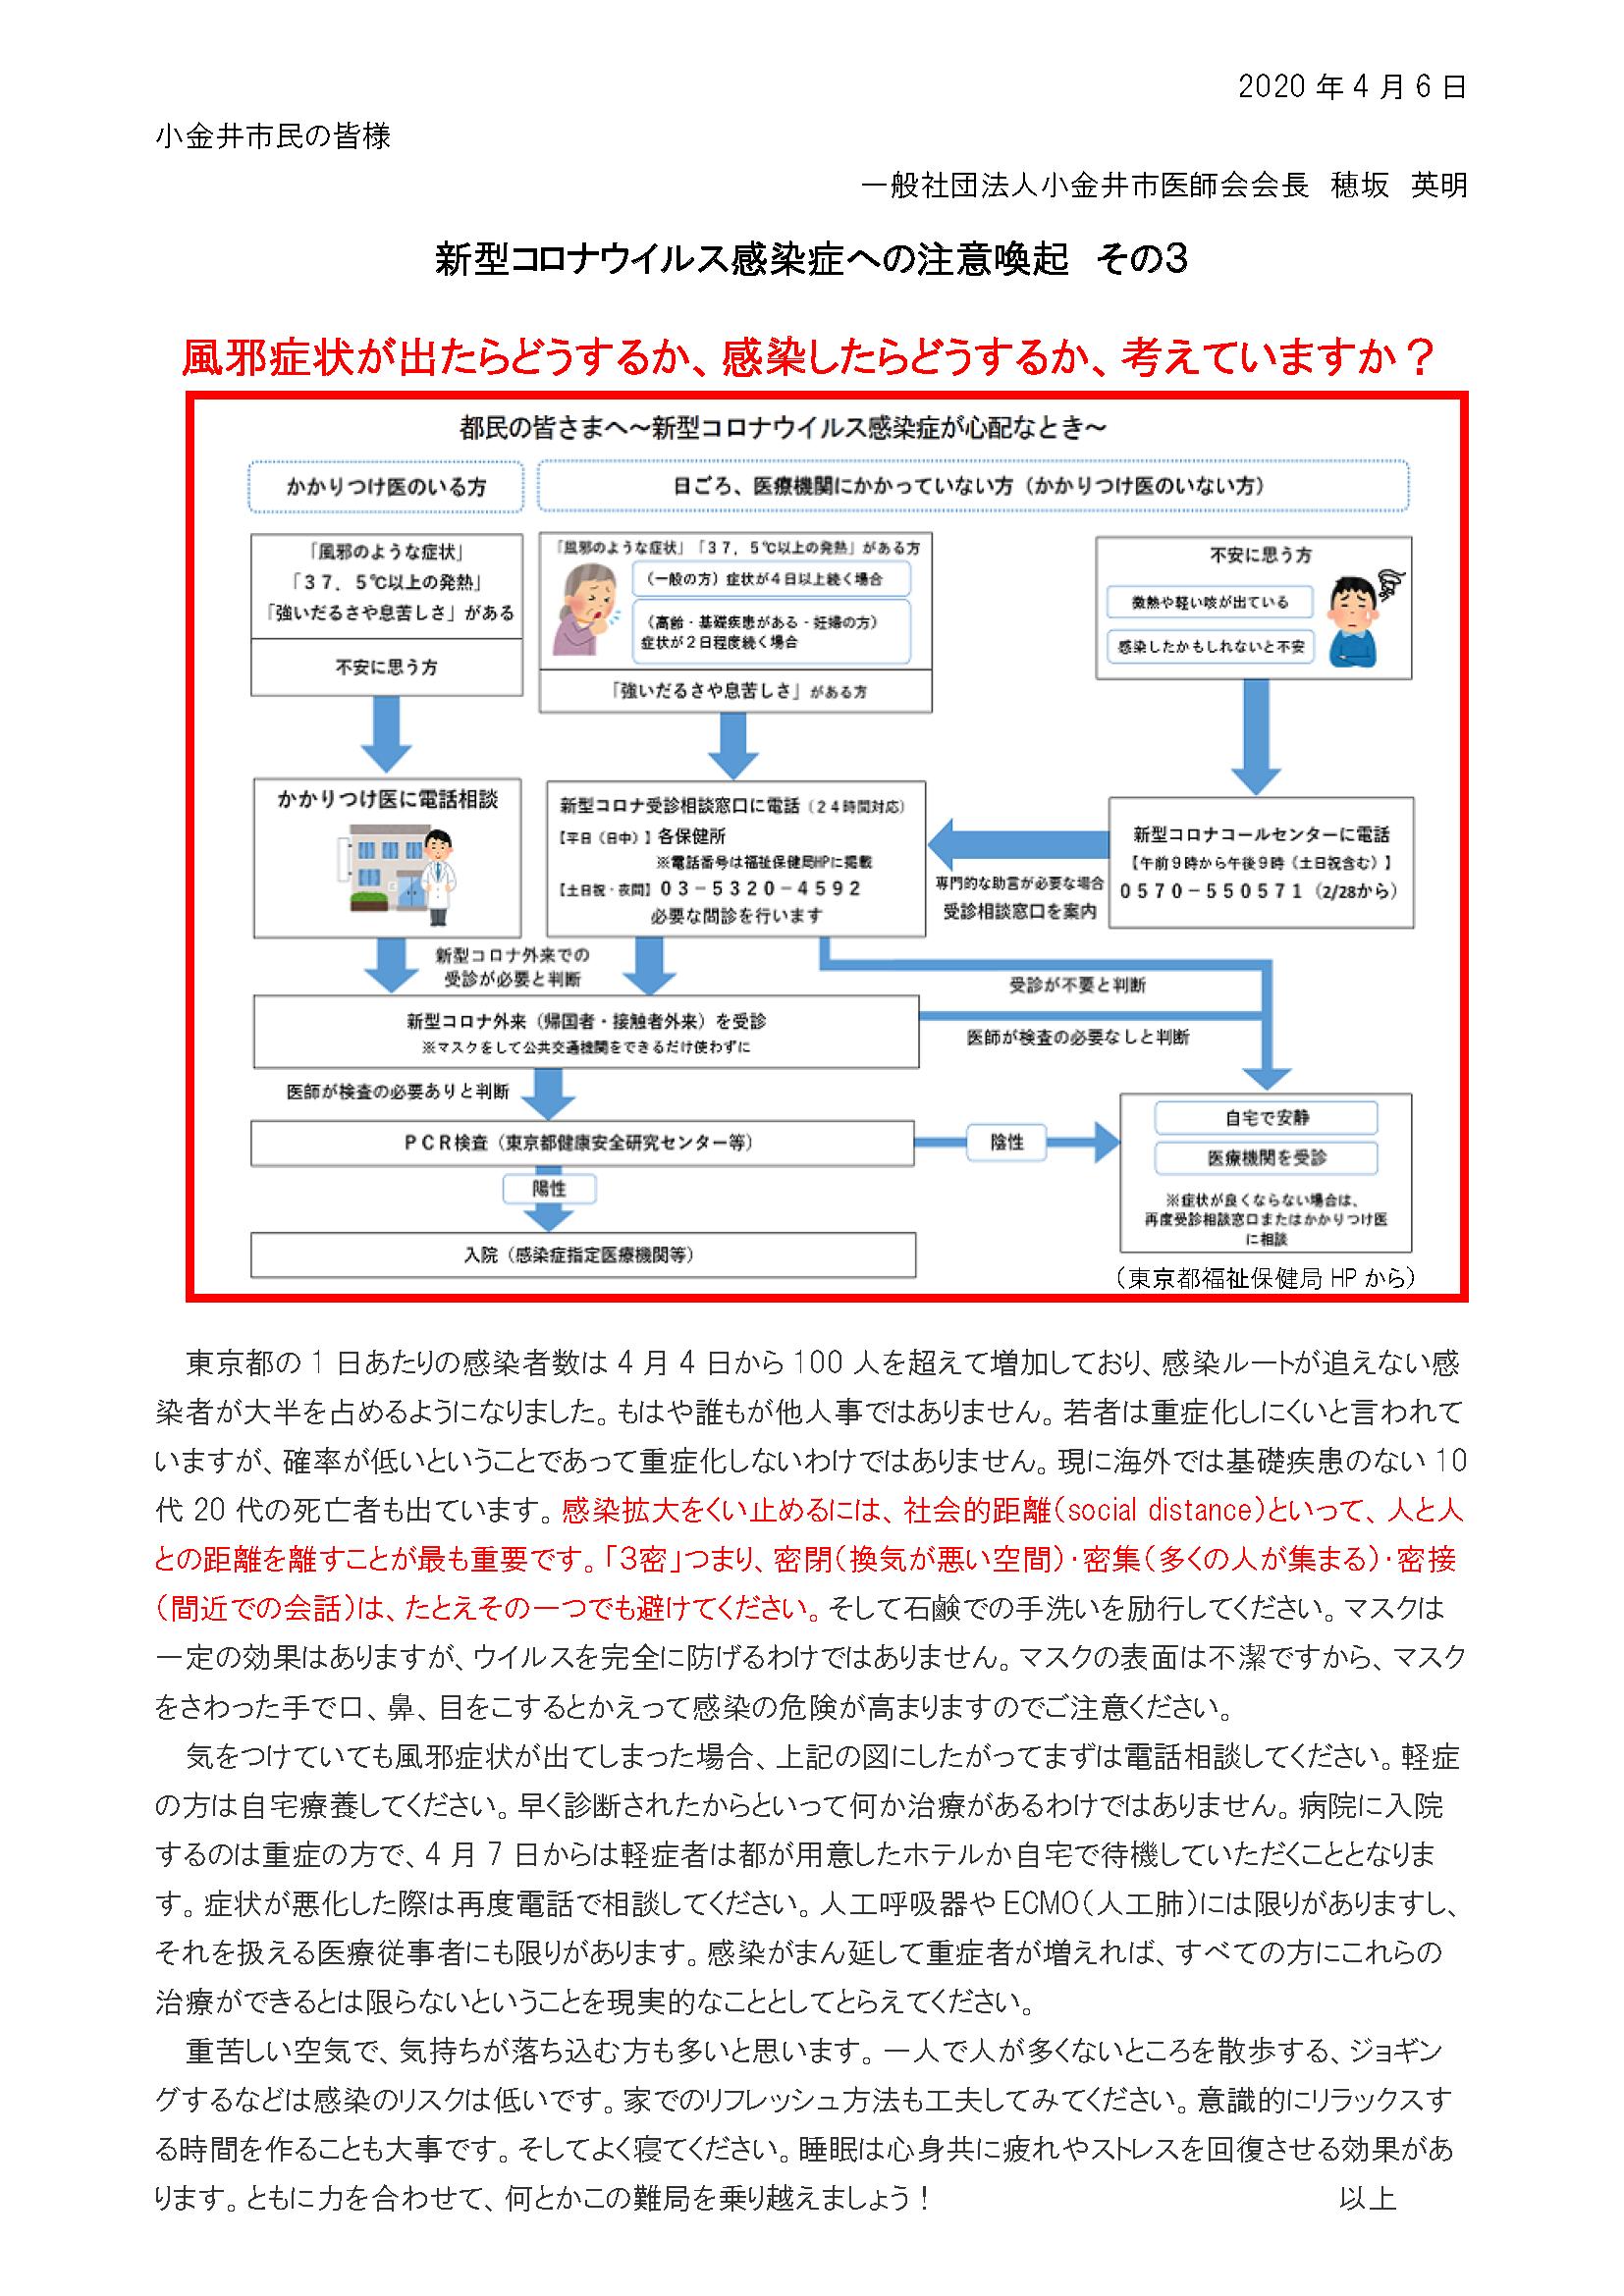 新型コロナウイルス感染症への注意喚起その3